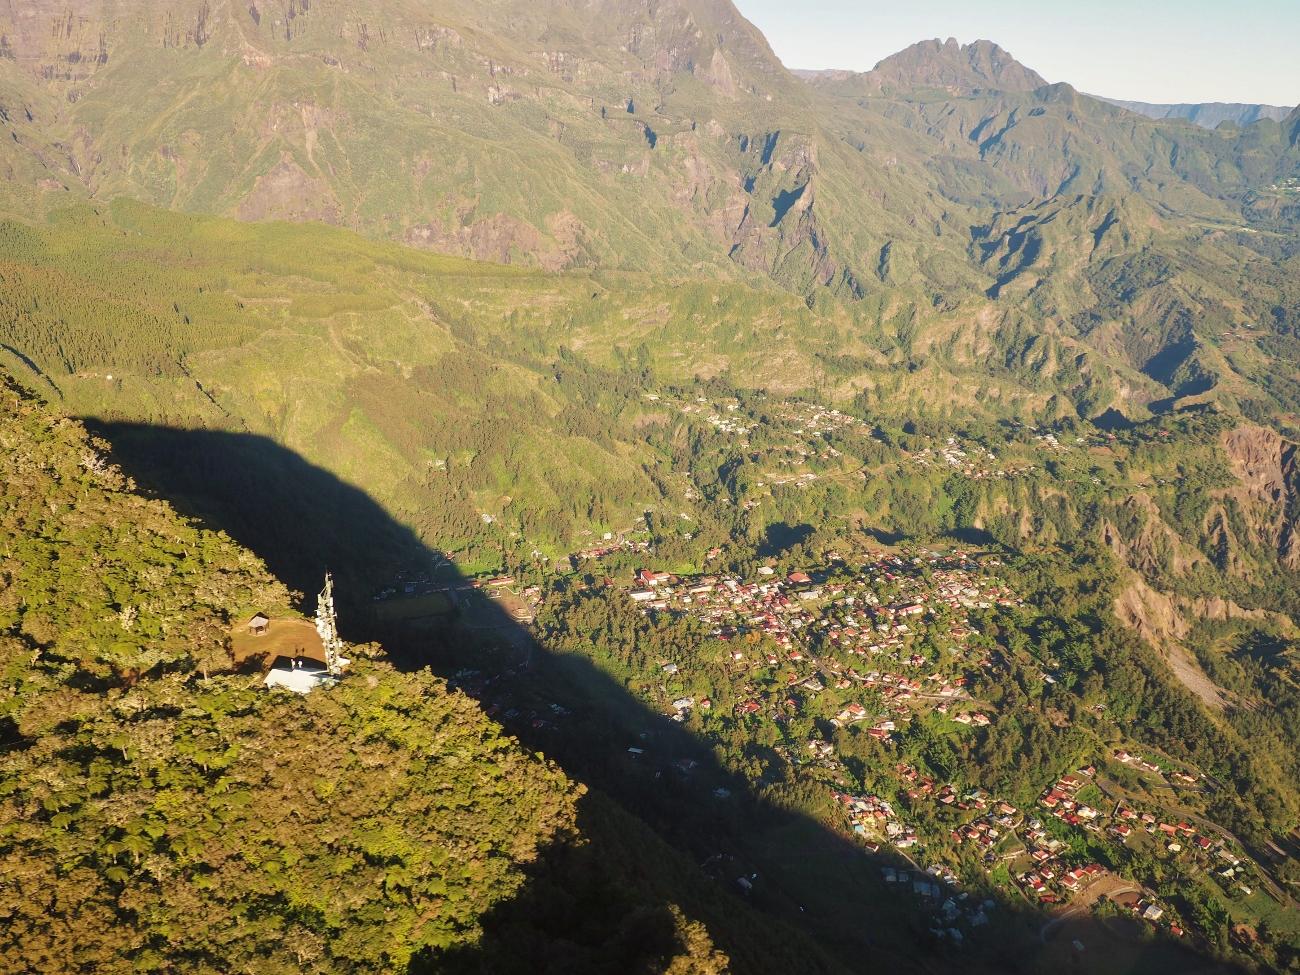 Hell Bourg vue depuis l'hélicoptère à la Réunion